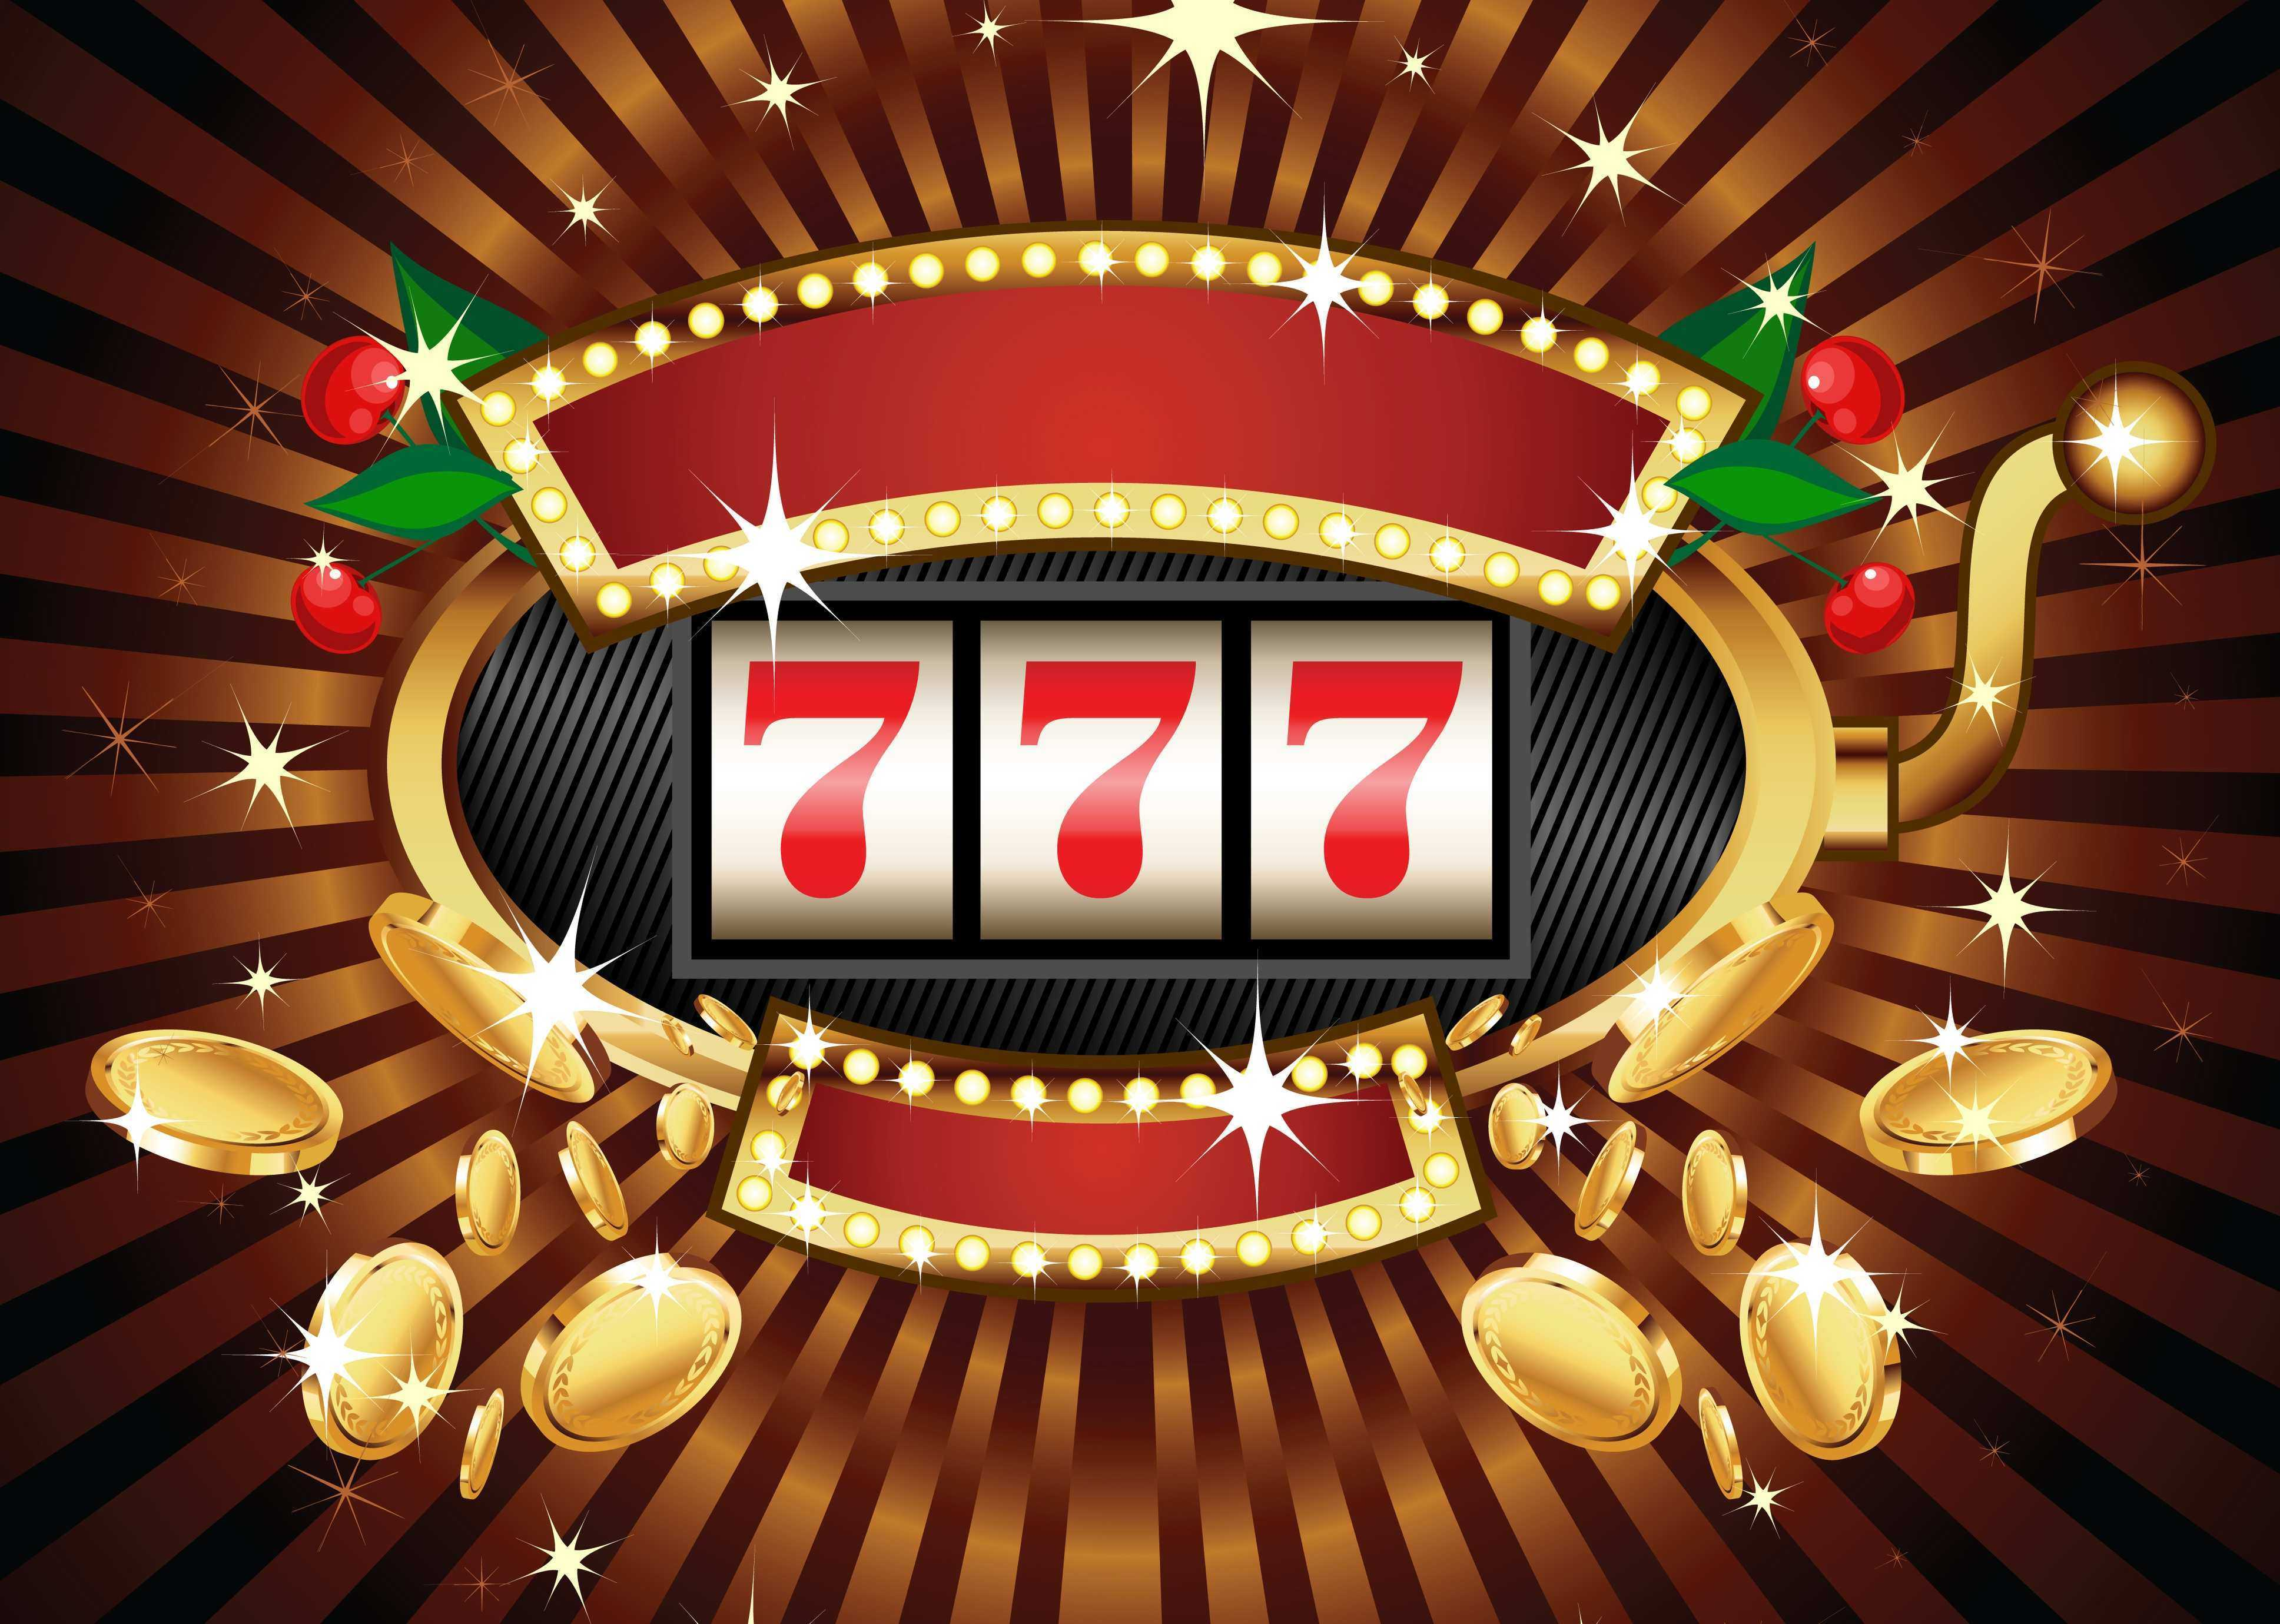 Шуточная лотерея - гости в доме - 1000 способов развлечь гостей!